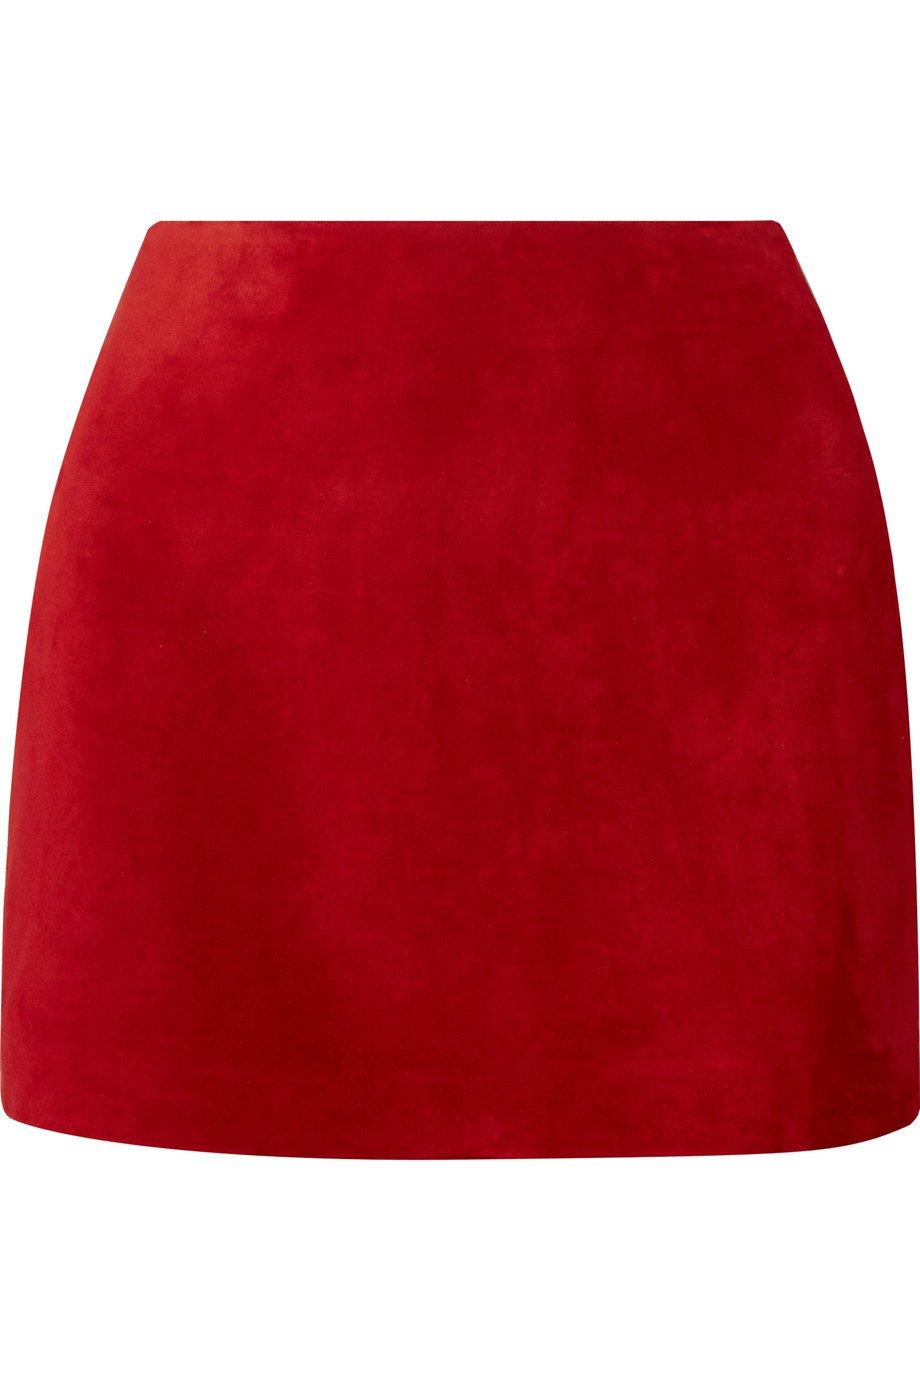 SAINT LAURENT | Suede mini skirt | NET-A-PORTER.COM